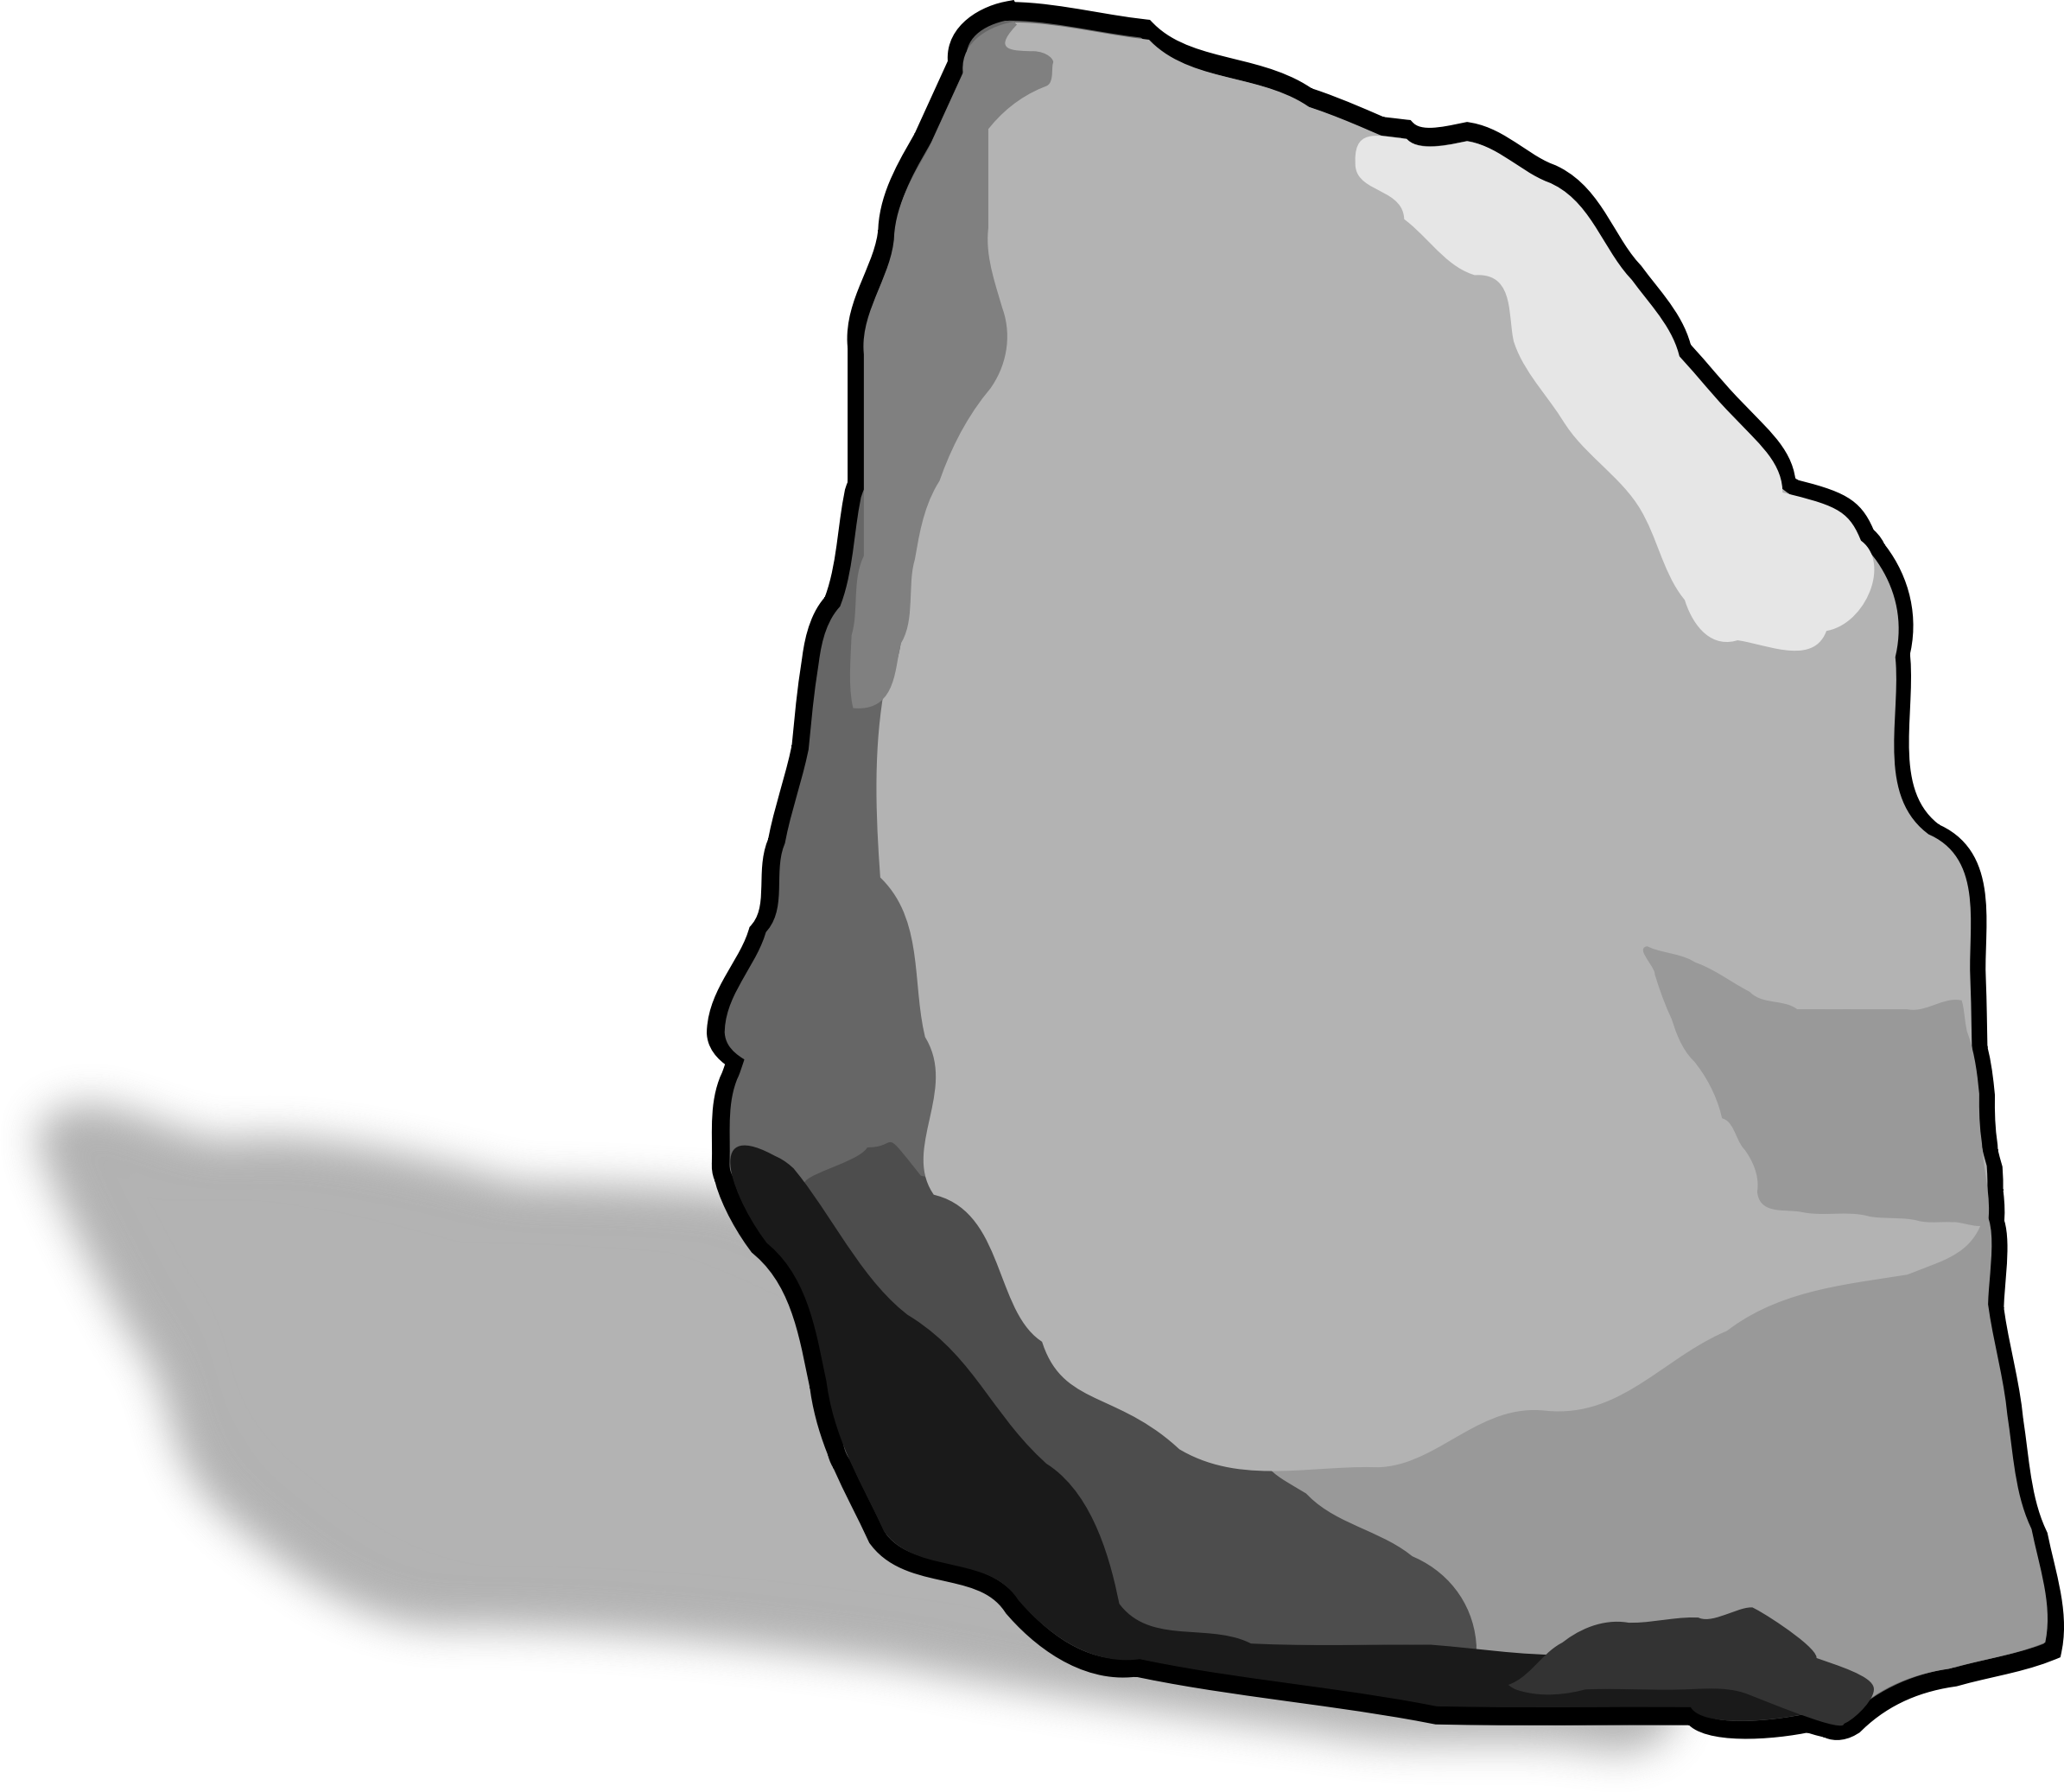 Hard Rock clipart big rock Art Clip Art Rock Clipart